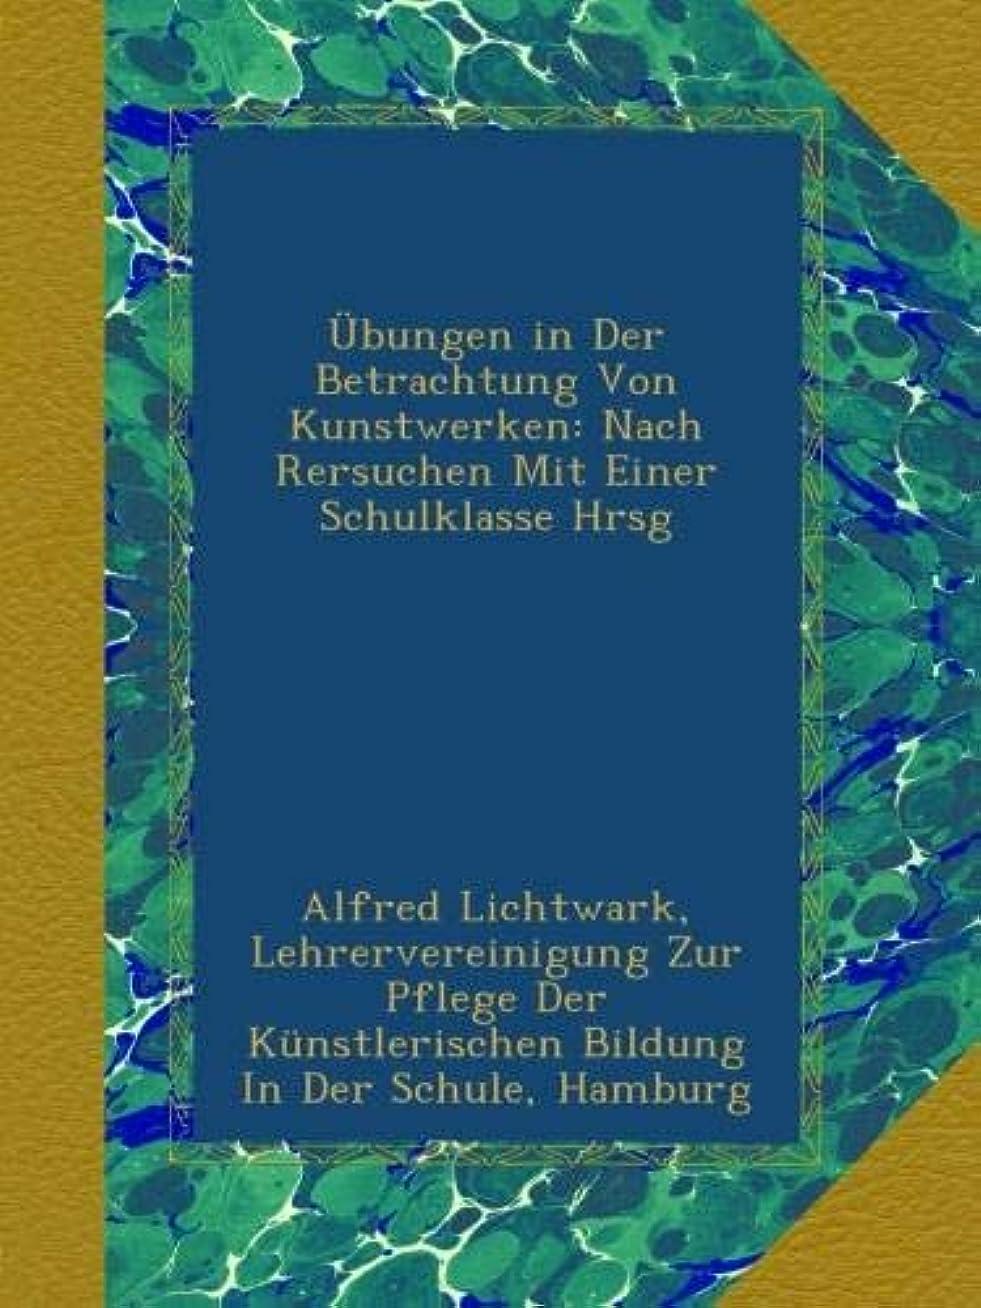 すばらしいです塩辛いファッションUebungen in Der Betrachtung Von Kunstwerken: Nach Rersuchen Mit Einer Schulklasse Hrsg